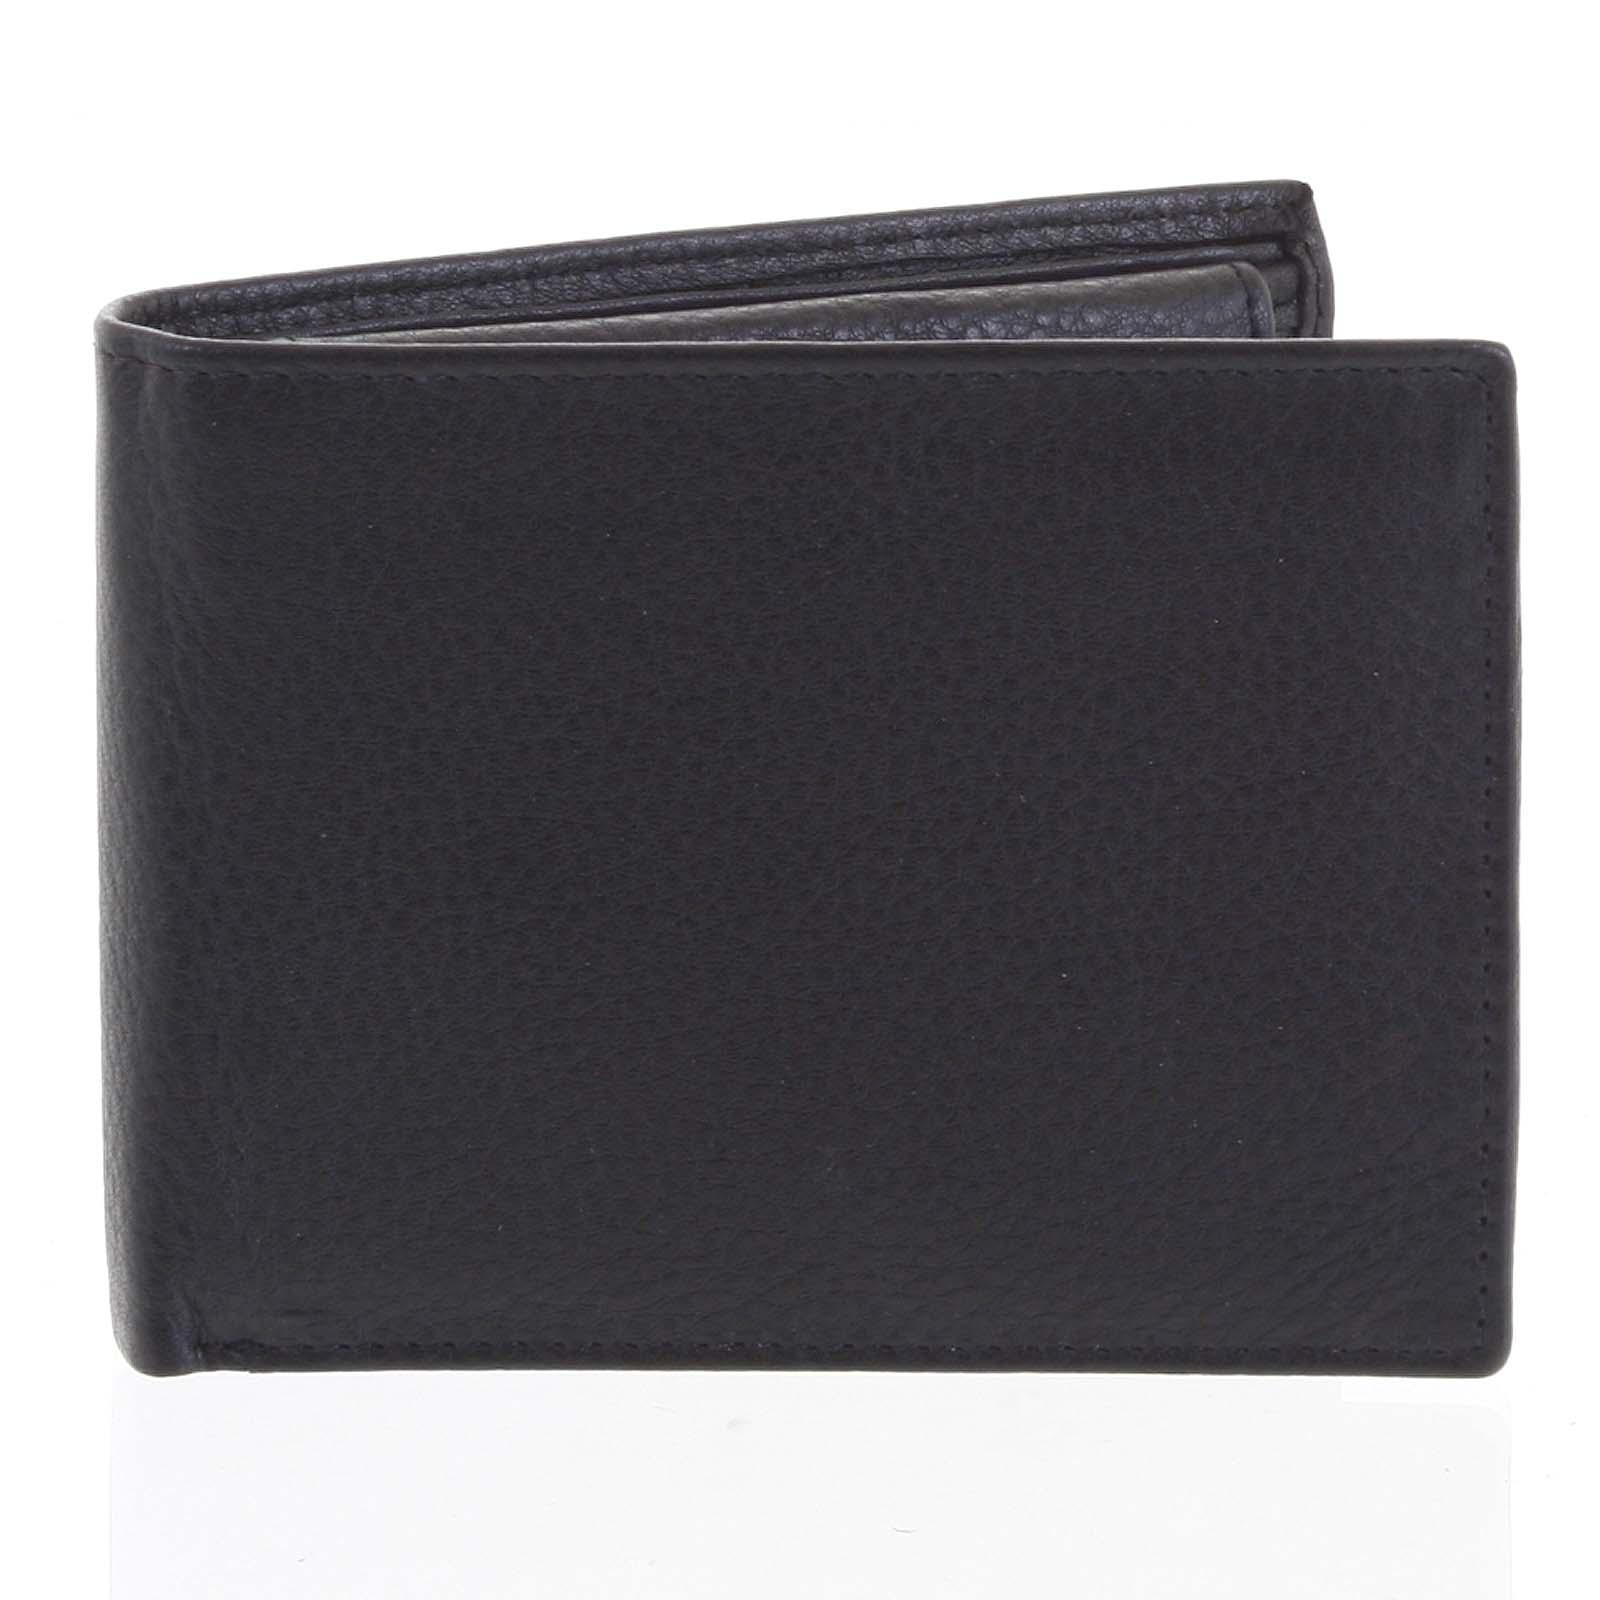 Pánska kožená peňaženka čierna - Tomas Bushel